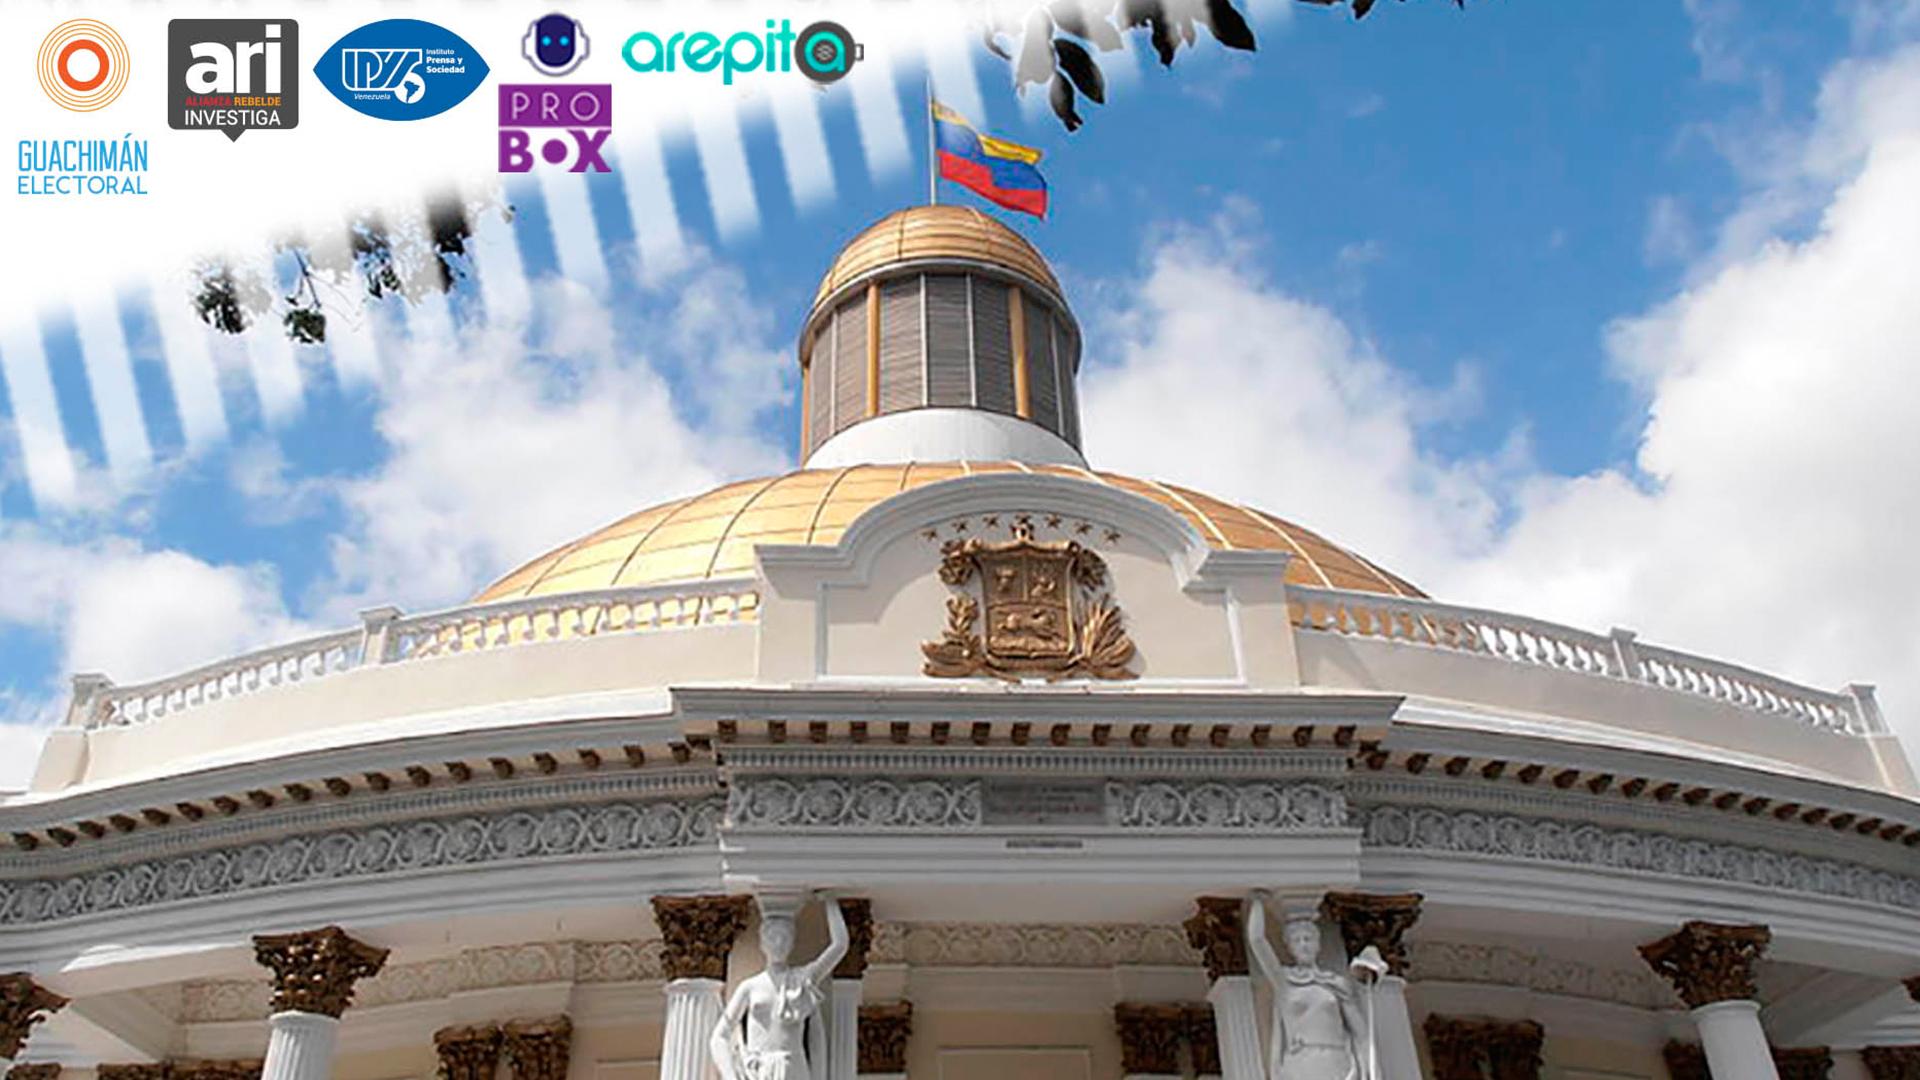 #GuachimánElectoral | 17% de los diputados electos el #6D no representará a ningún estado